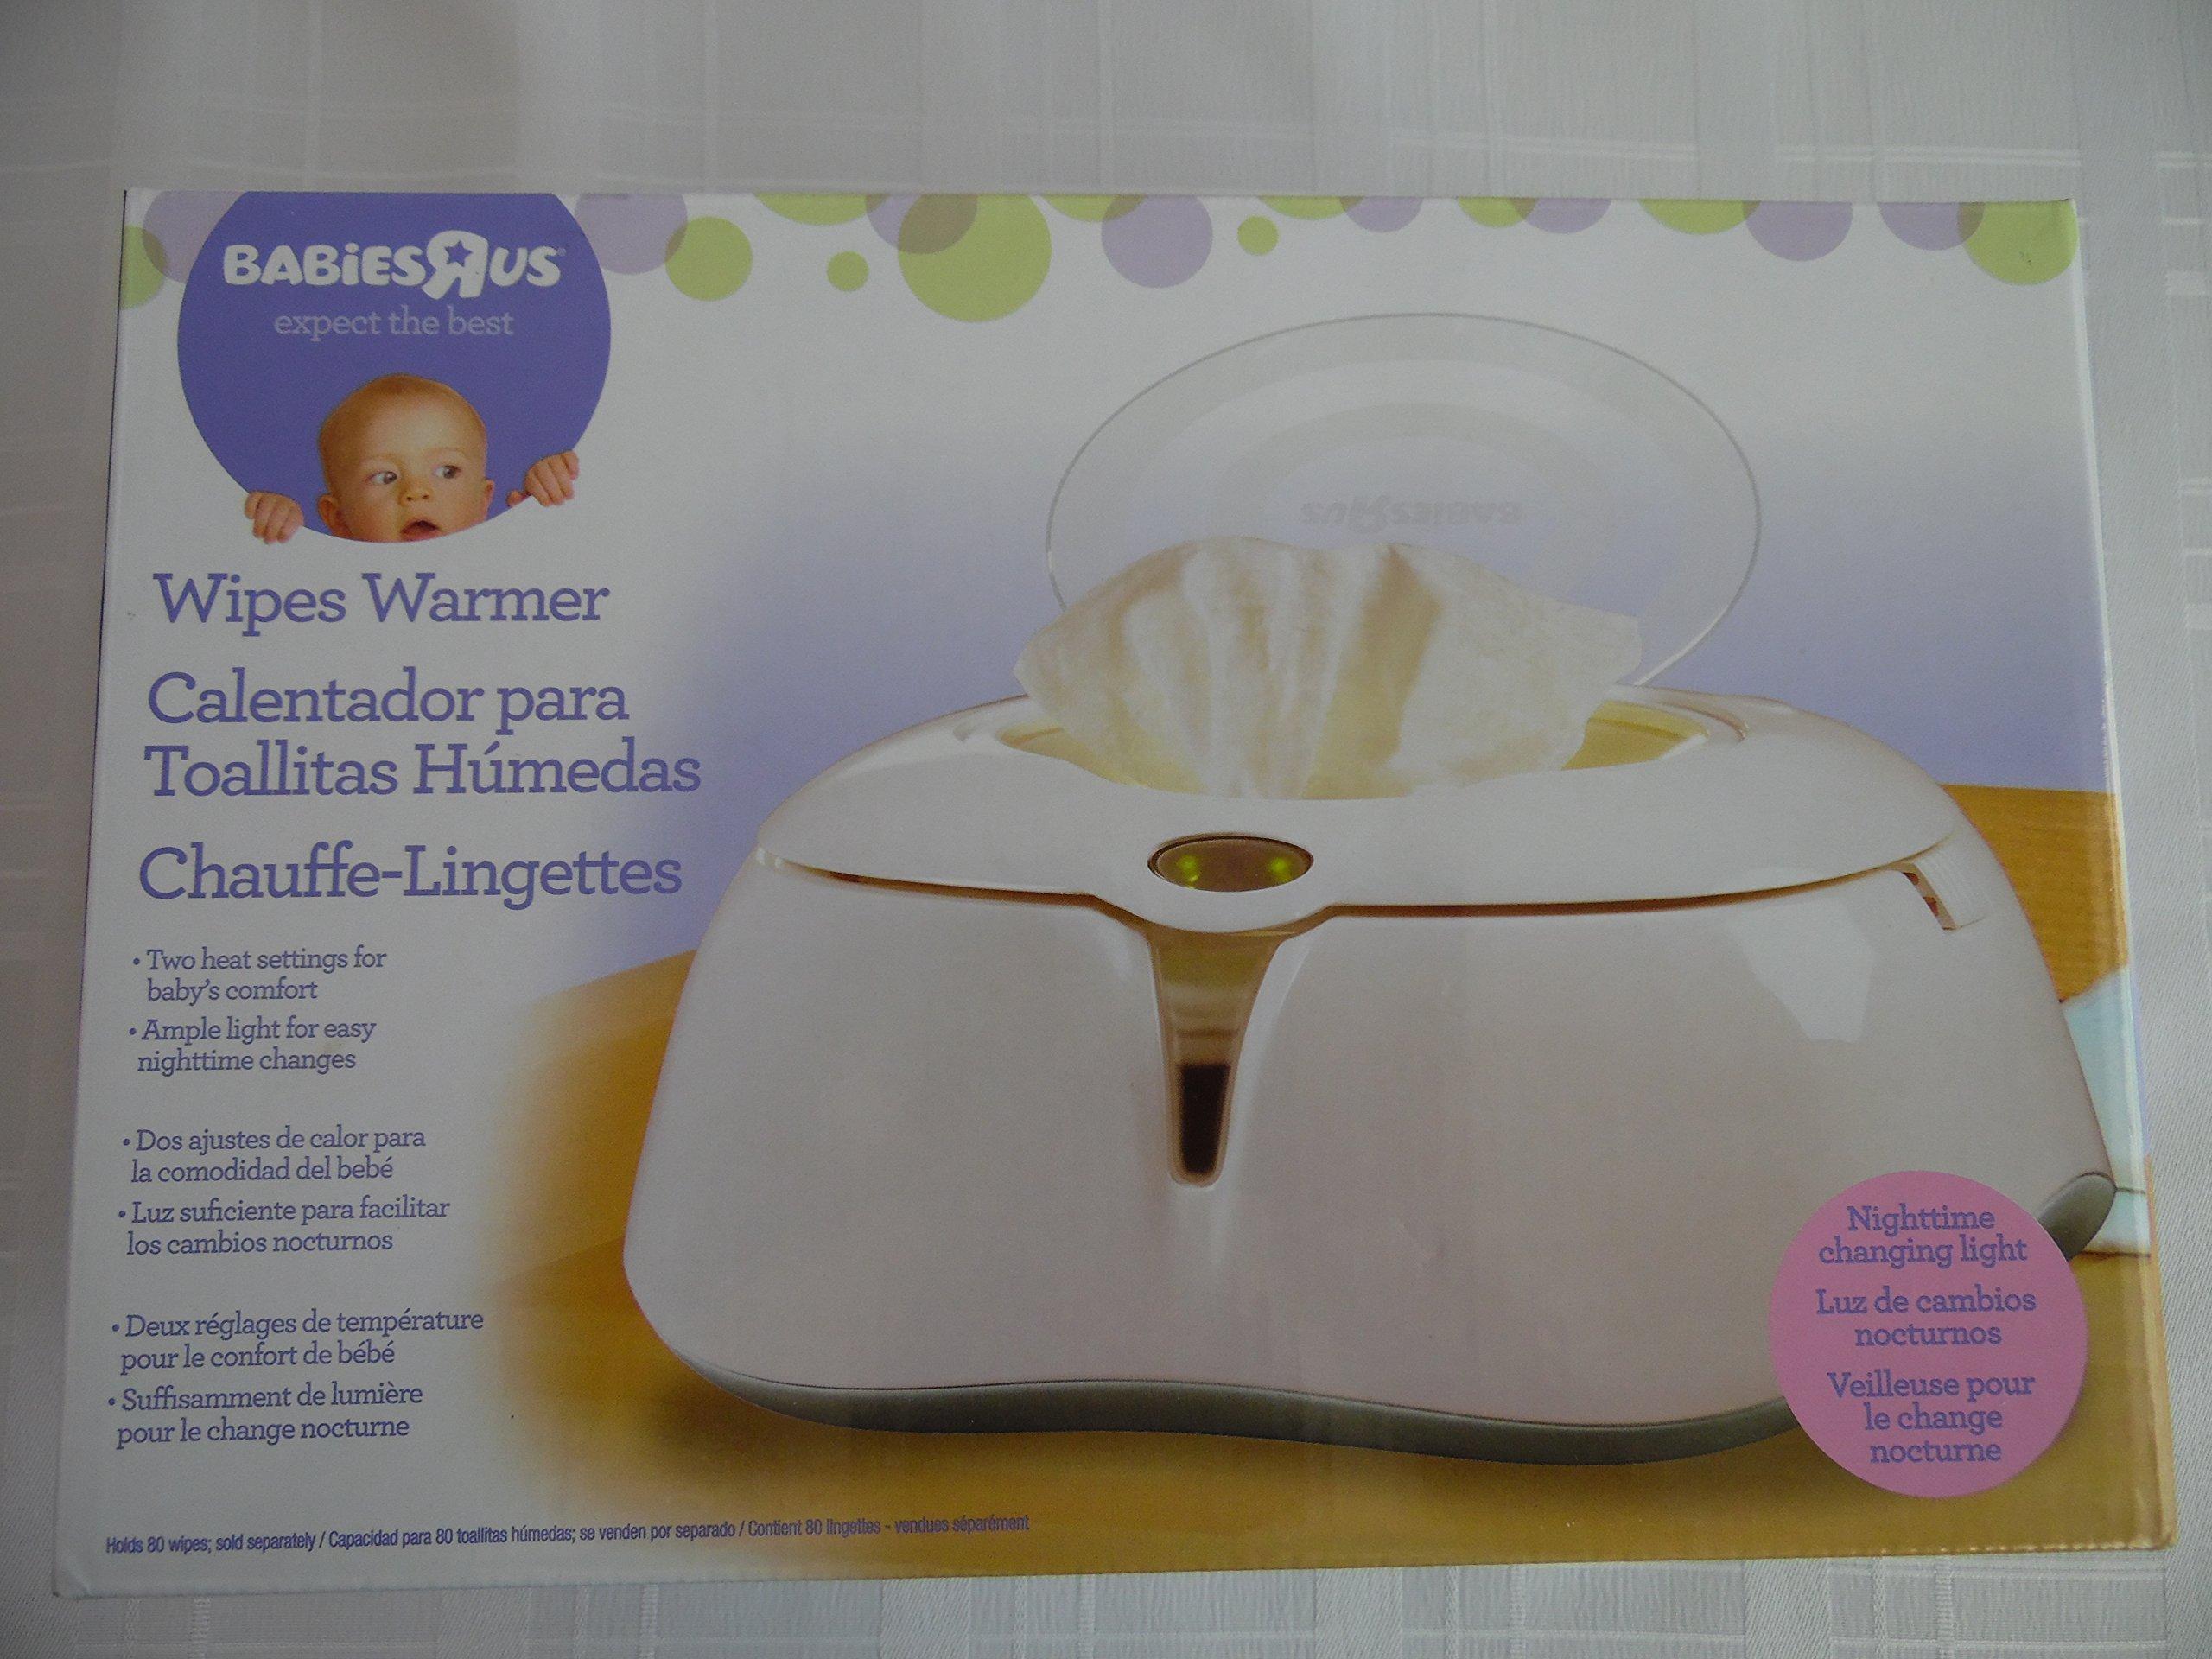 Babies Wipe Warmer